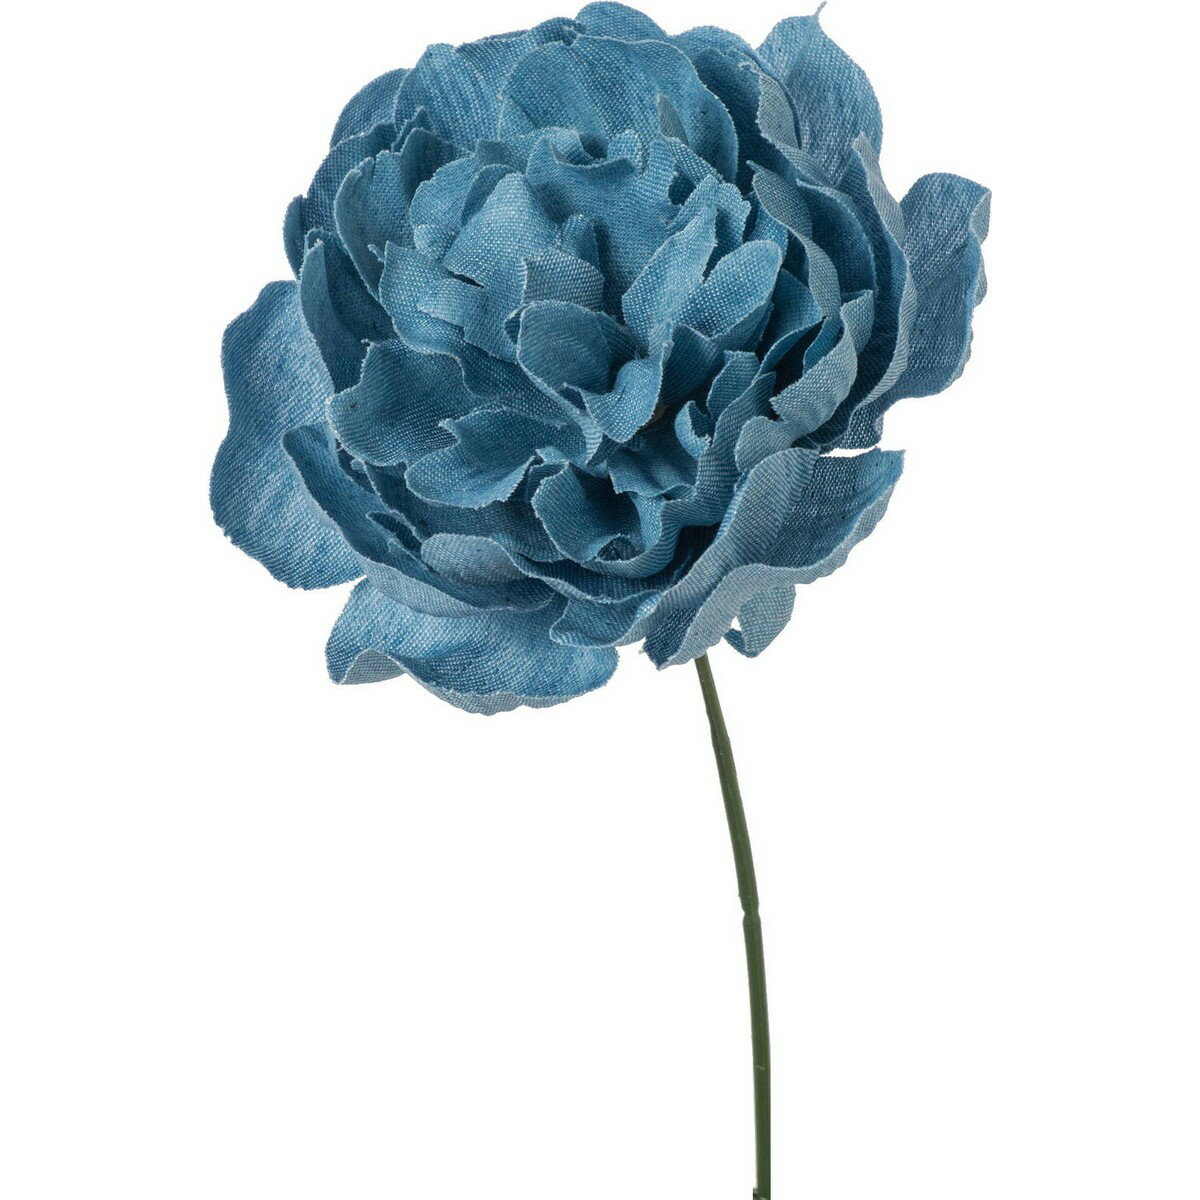 即日 【造花】YDM/デニムピオニーピック ライトブルー/FA-7182-LBL《 造花(アーティフィシャルフラワー) 造花 花材「さ行」 シャクヤク(芍薬)・ボタン(牡丹)・ピオニー 》